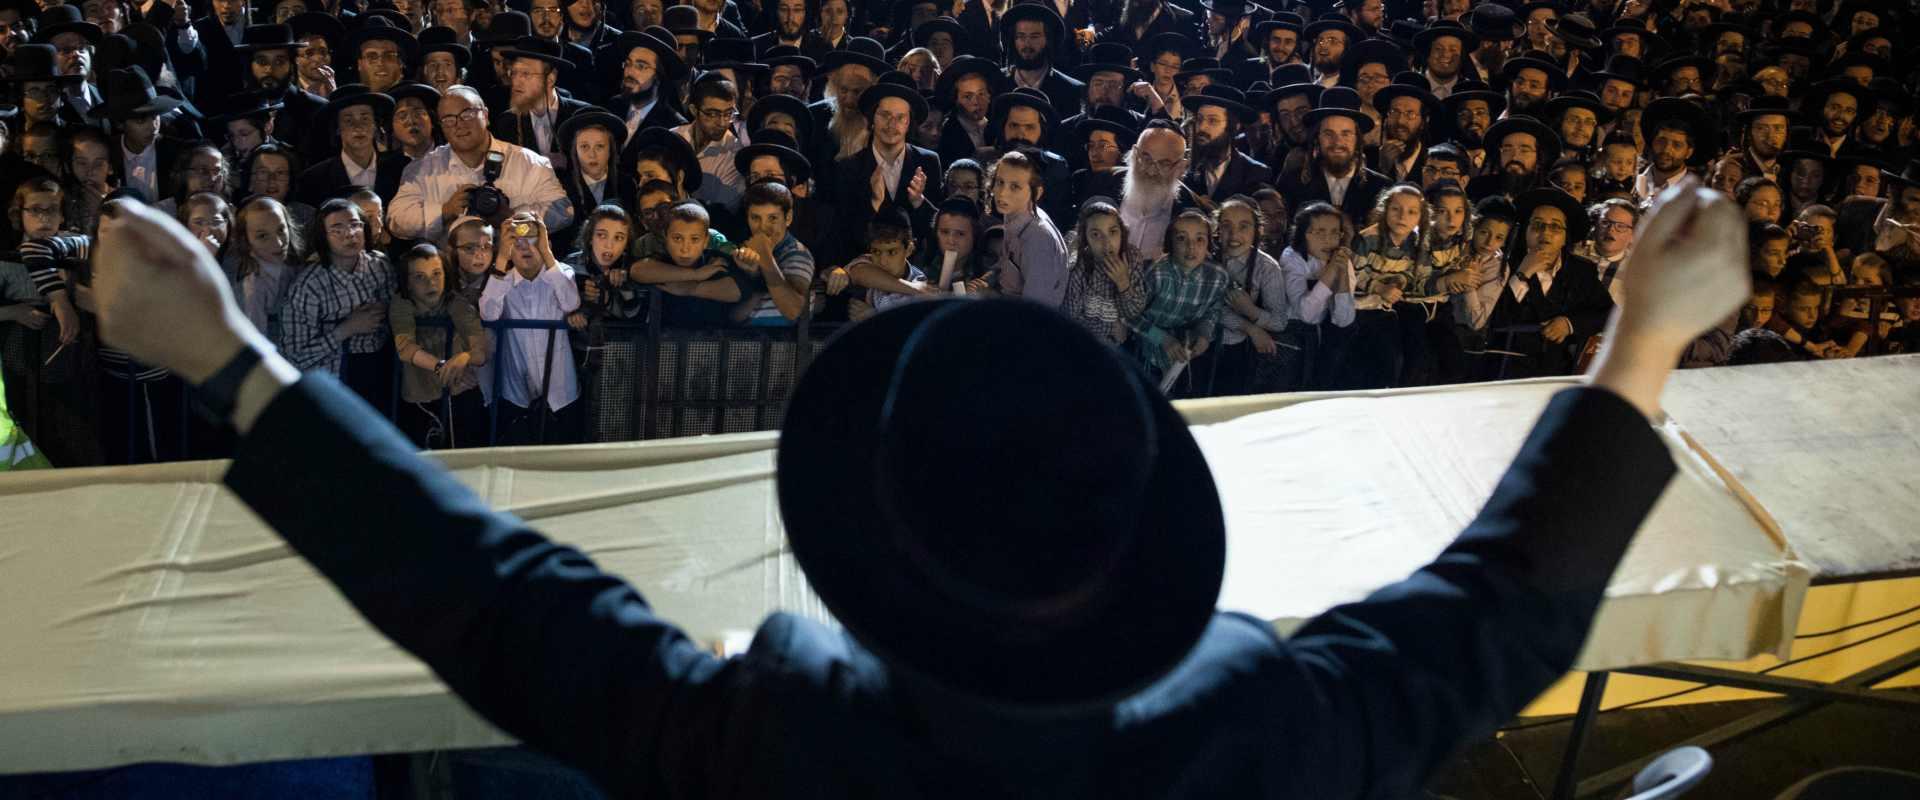 חרדים מתכנסים בירושלים